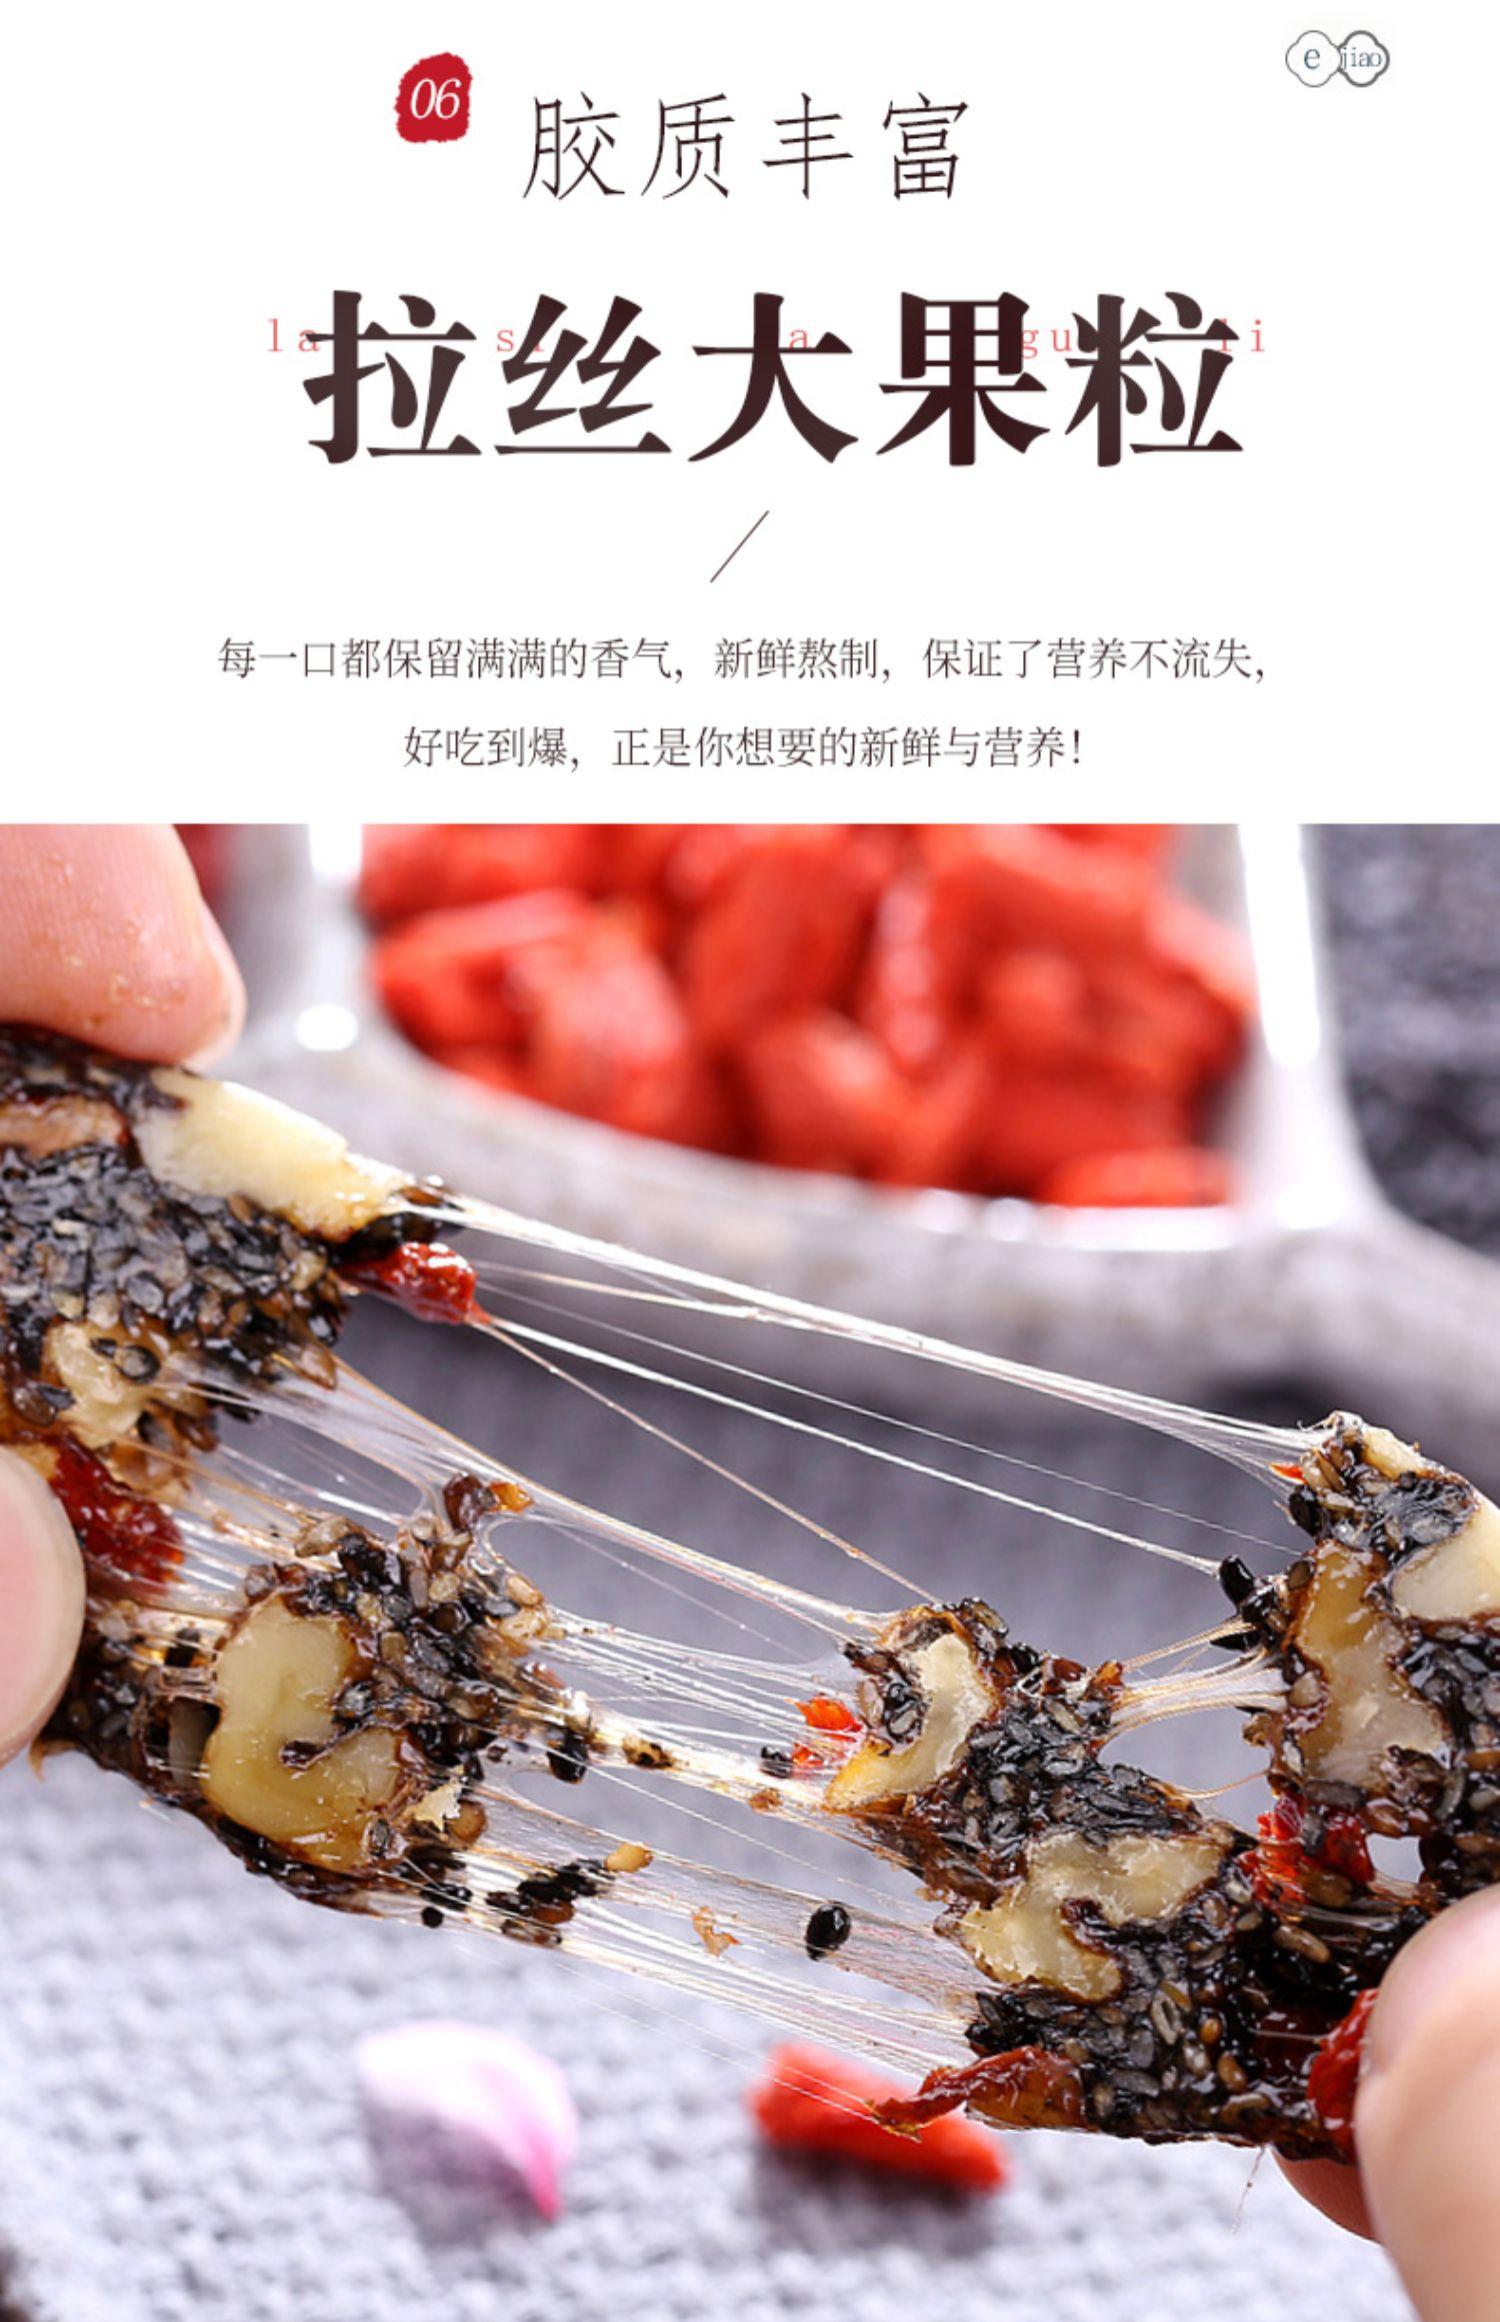 拍2件!【鹤王】红枣枸杞阿胶固元糕